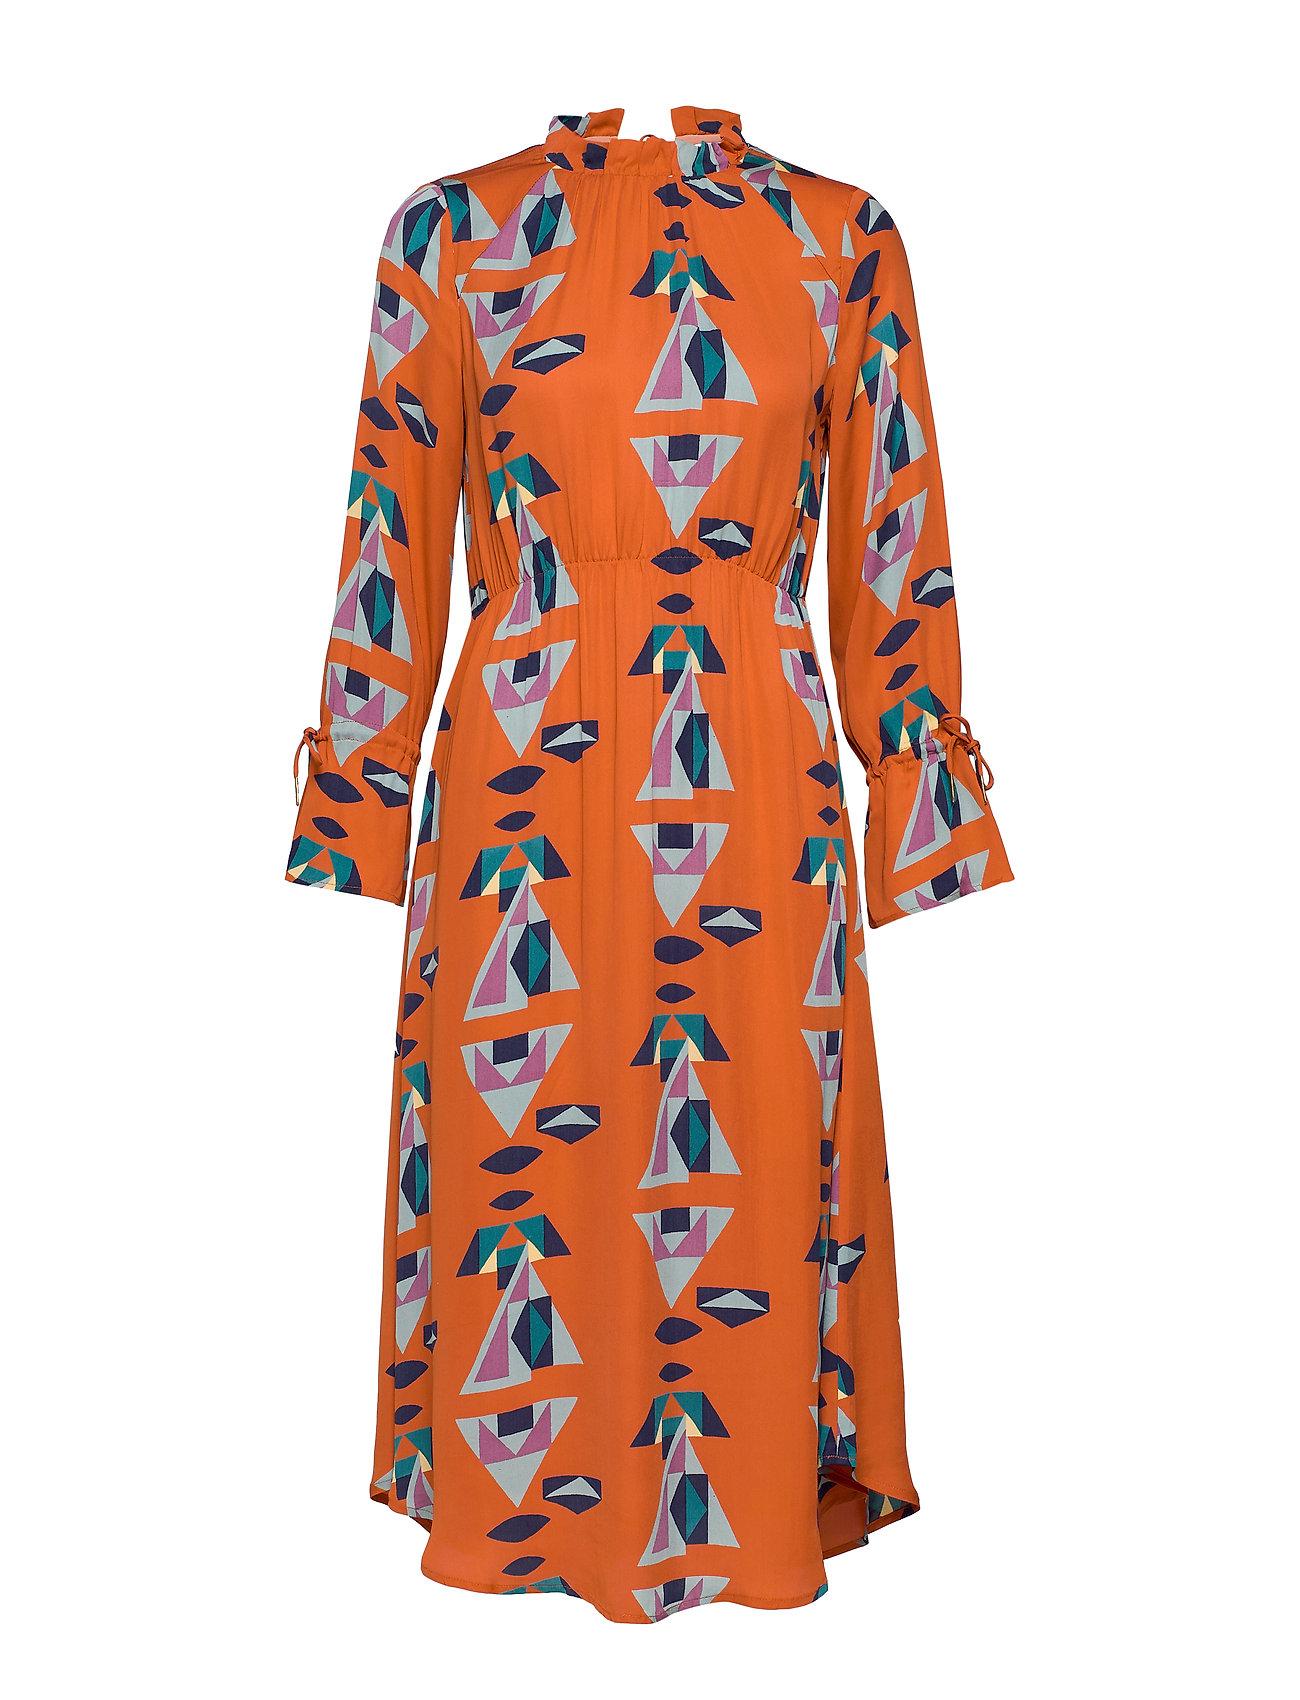 Noa Noa Dress long sleeve - PRINT ORANGE